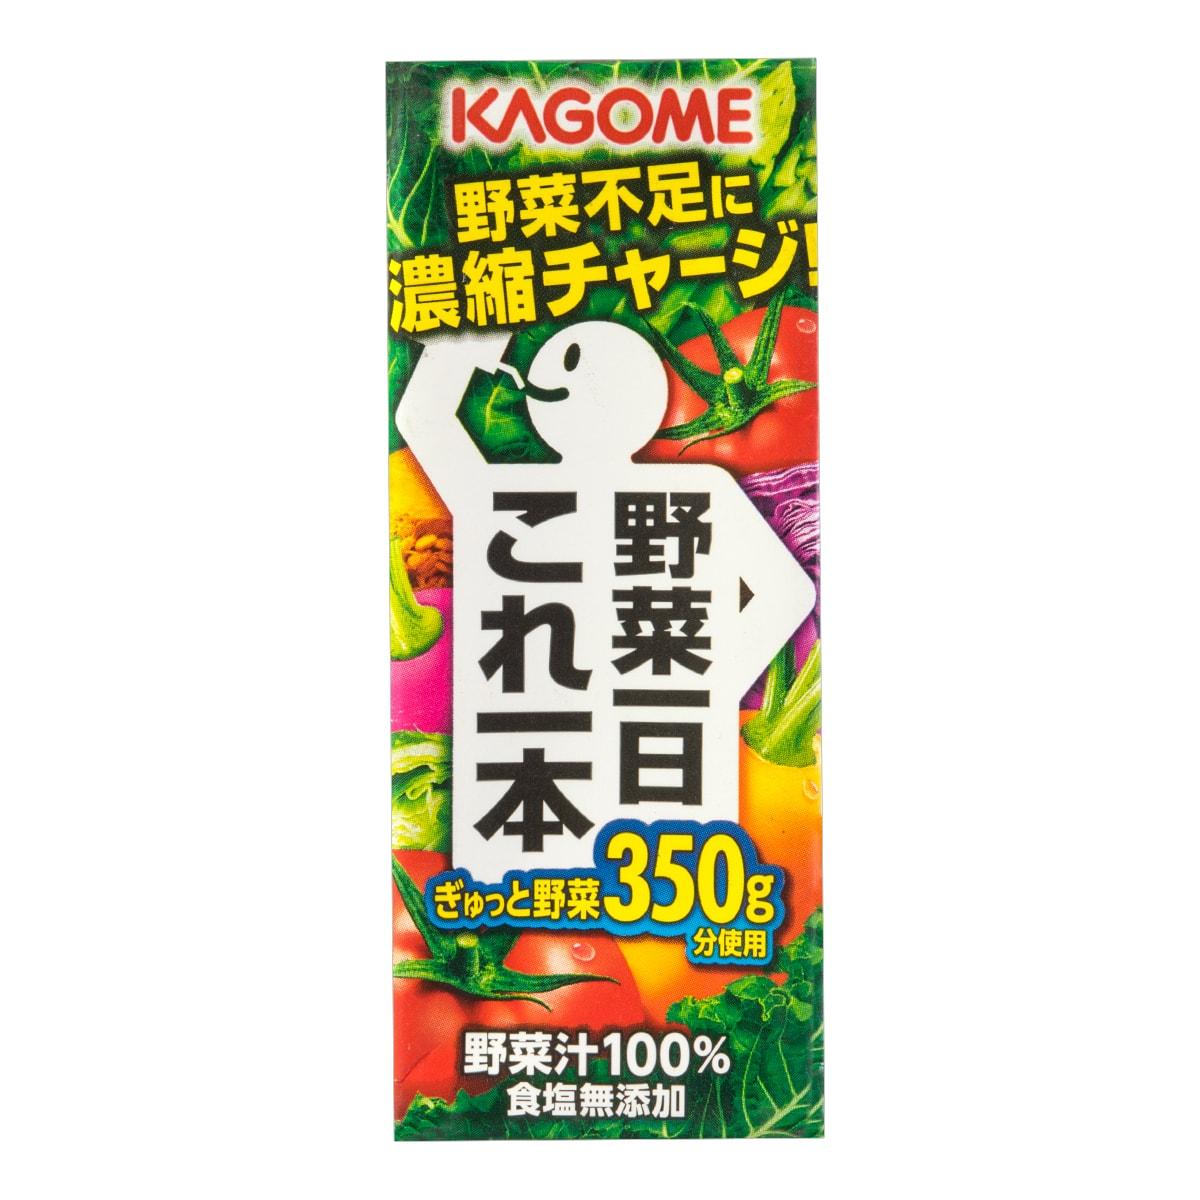 KAGOME 100% Vegetable Juice 200ml